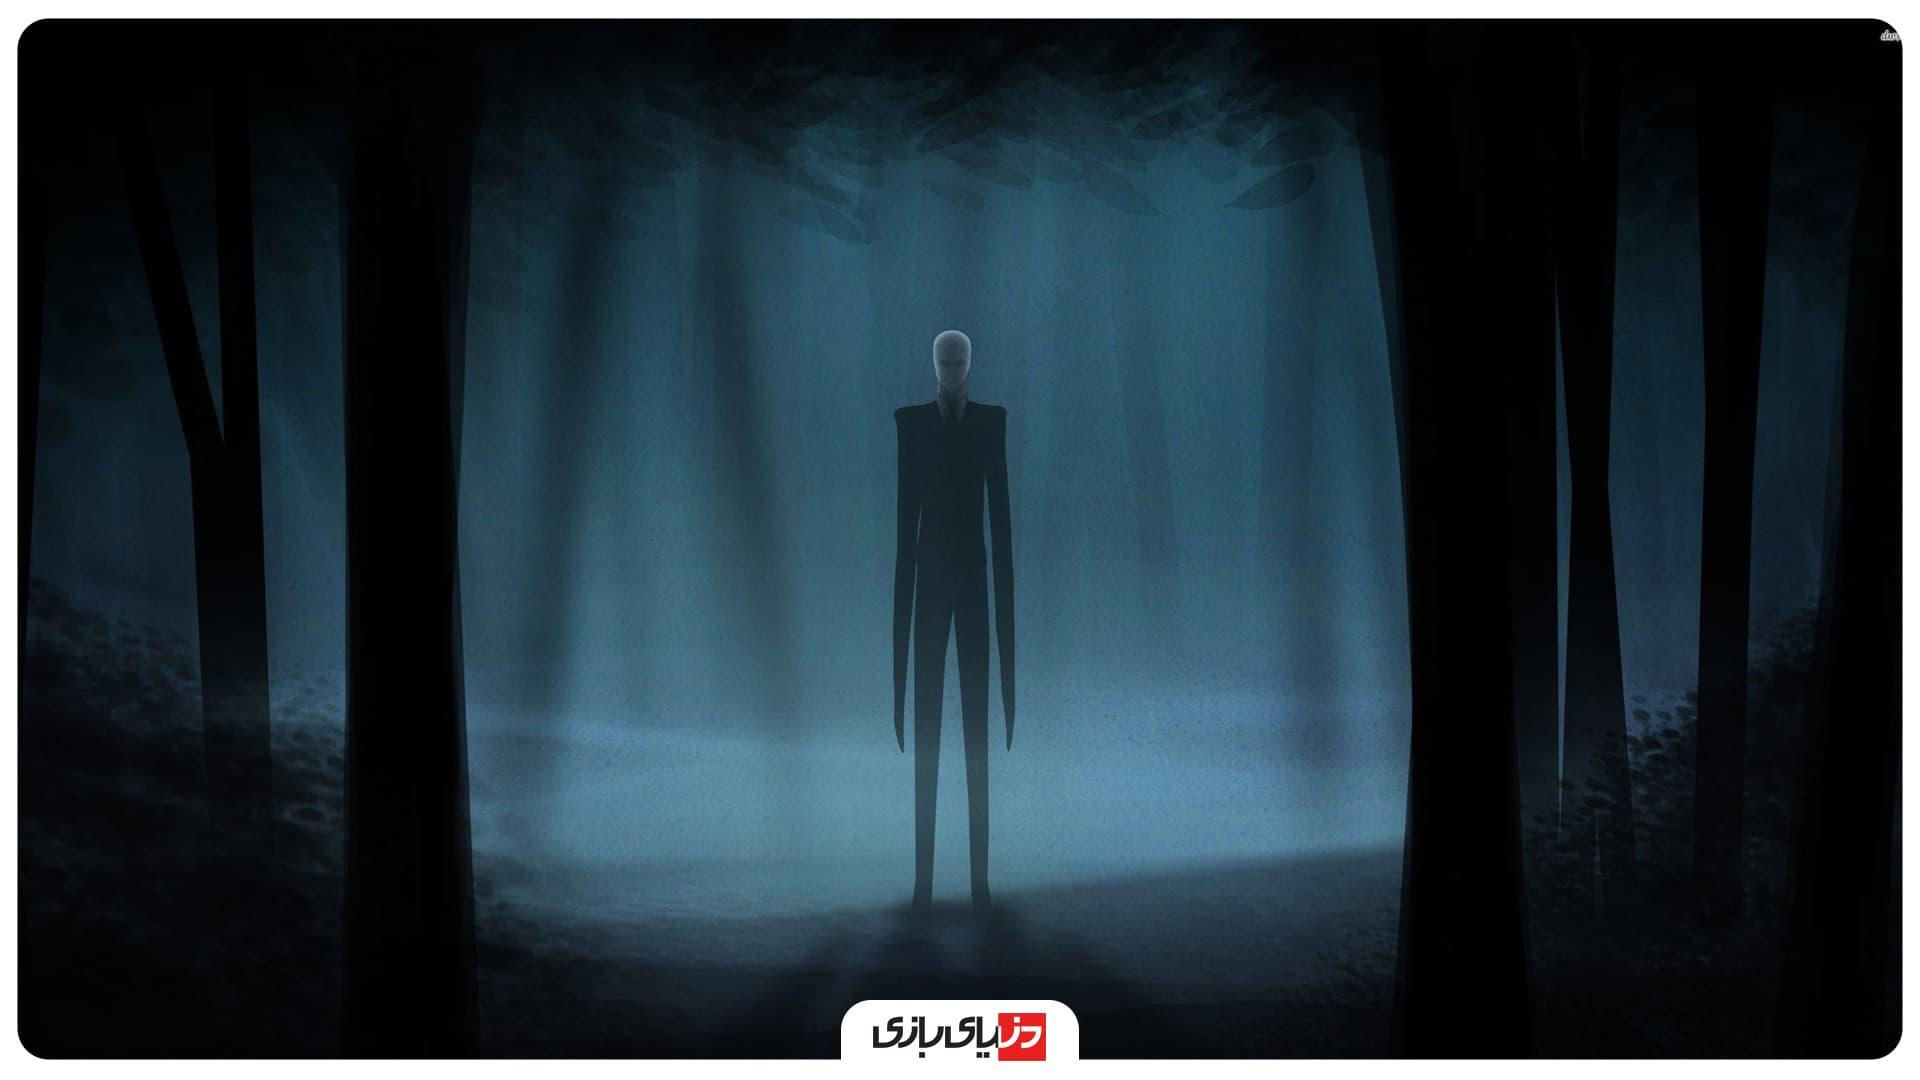 ترسناک ترین بازی های جهان - Slender